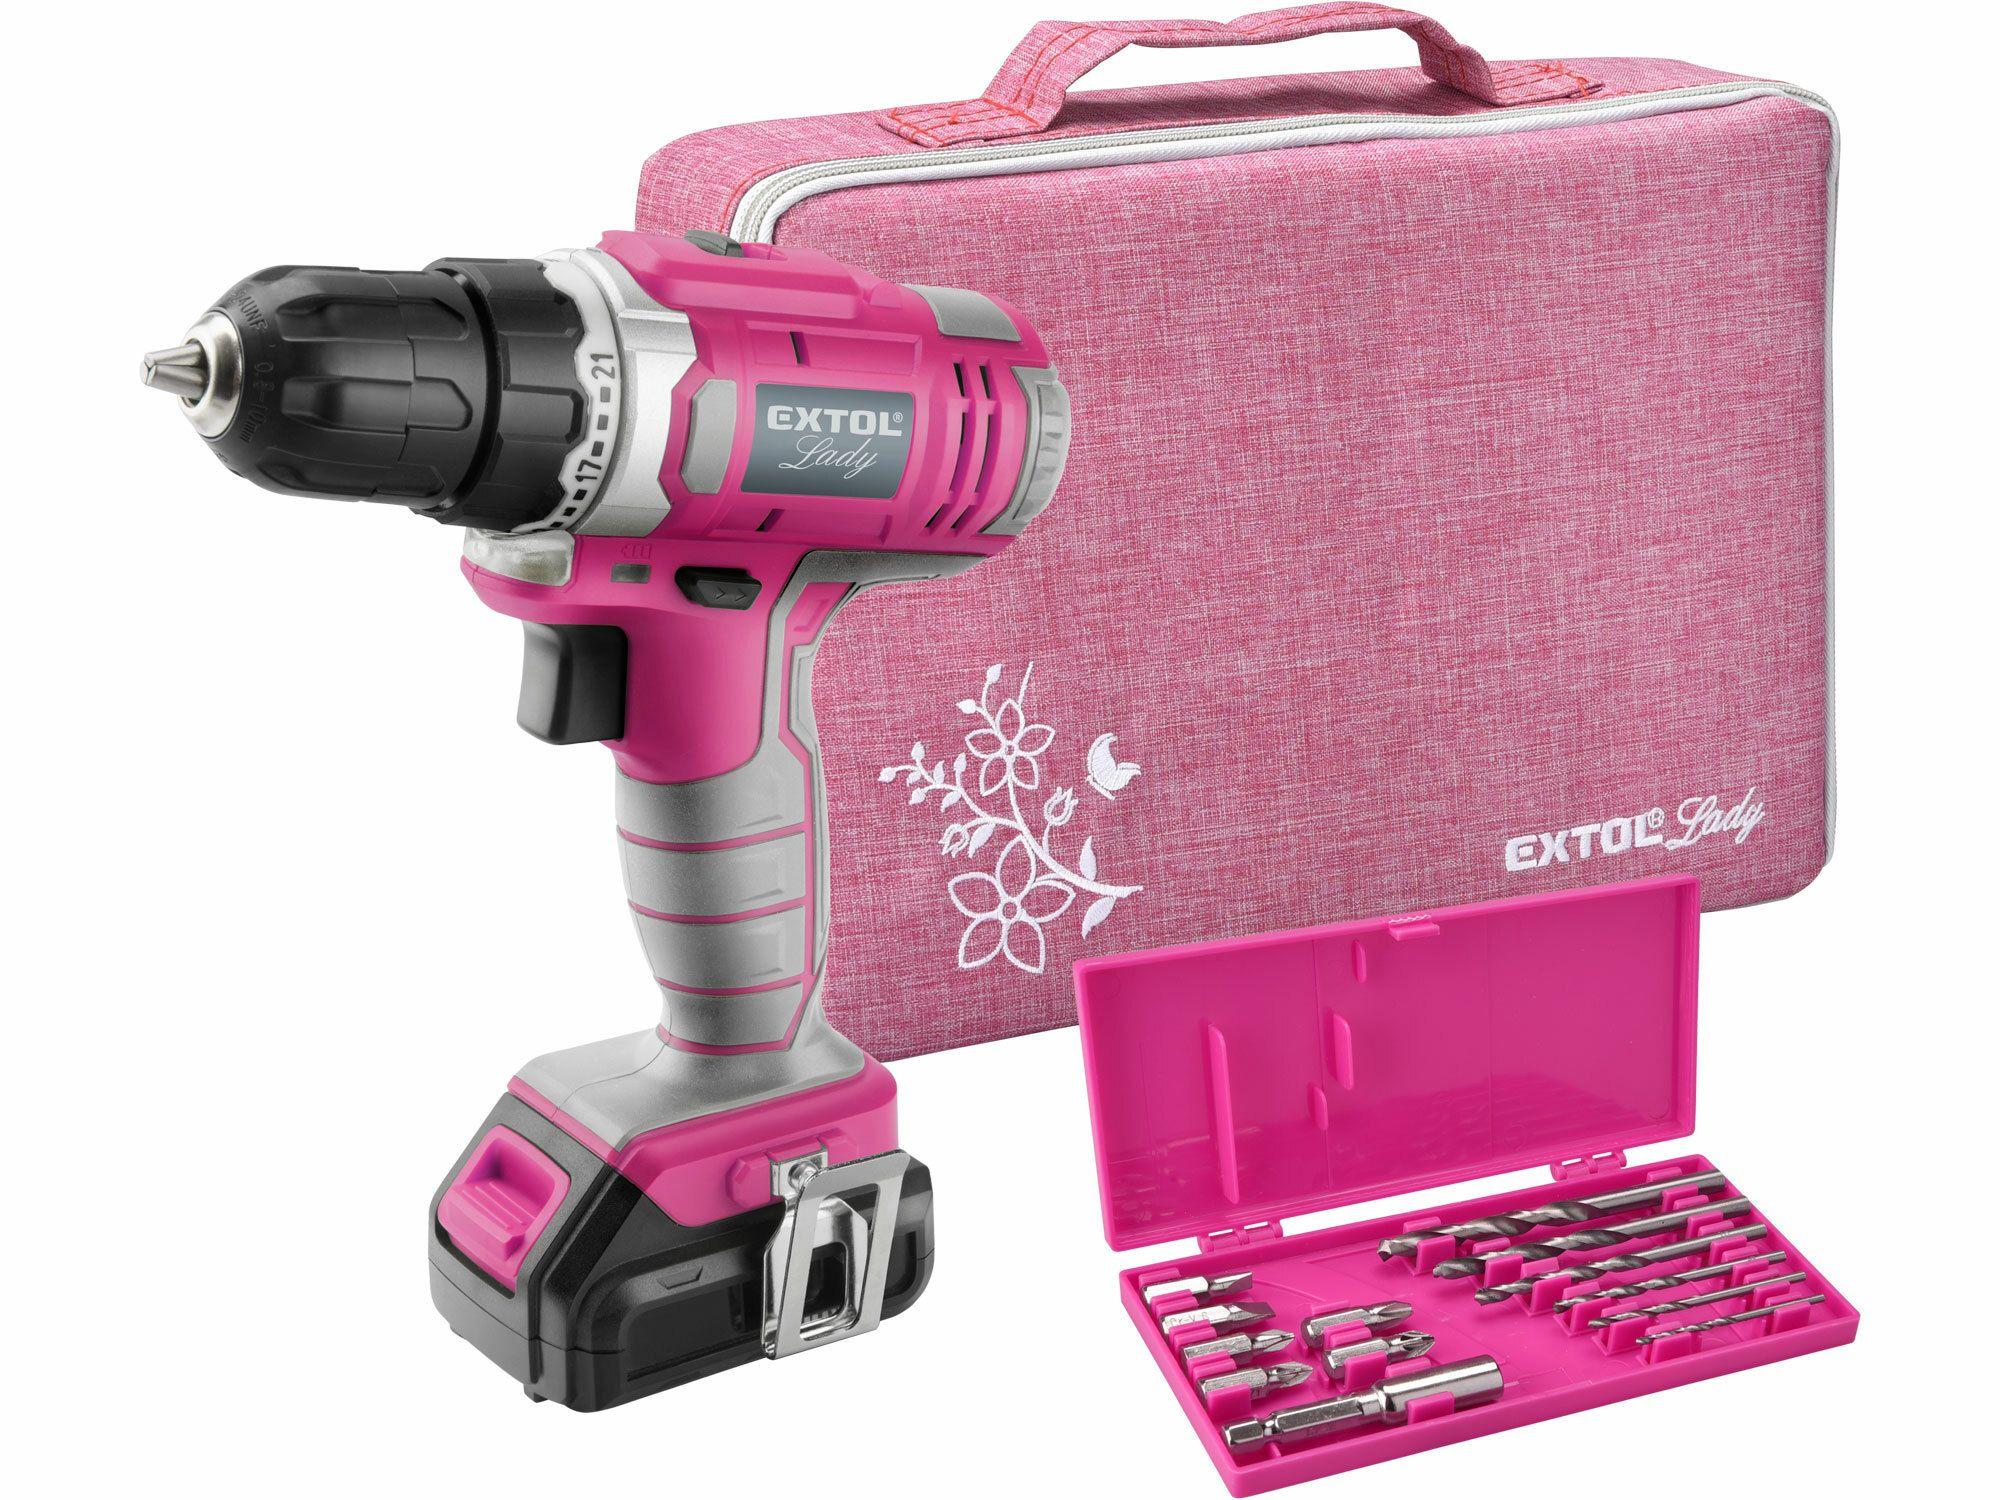 Vrtací šroubovák aku, růžový, 1x1300mAh, 12V Li-Ion, sada v tašce, EXTOL LADY, 402401